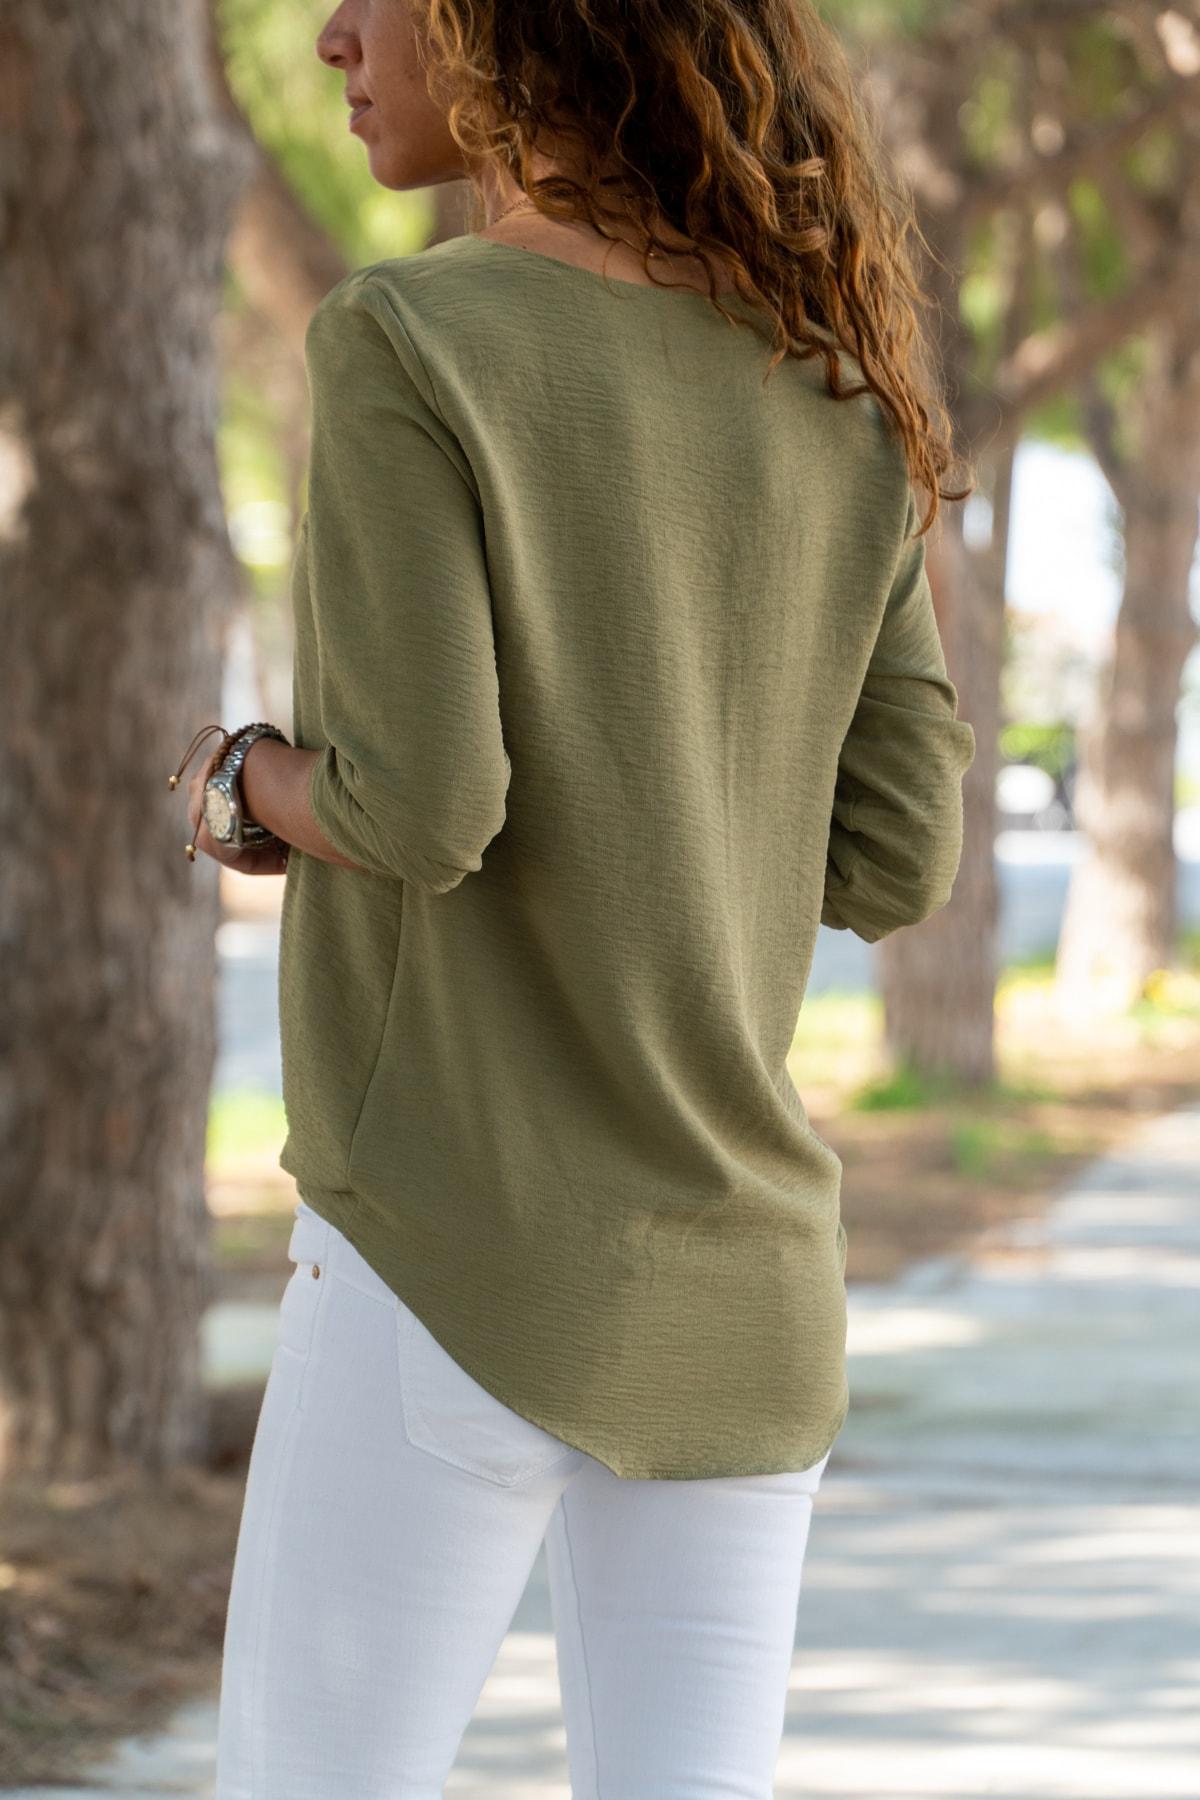 Güneşkızı Kadın Haki Yakası Yırtmaçlı Çizgili Krep Bluz GK-BST2841 2